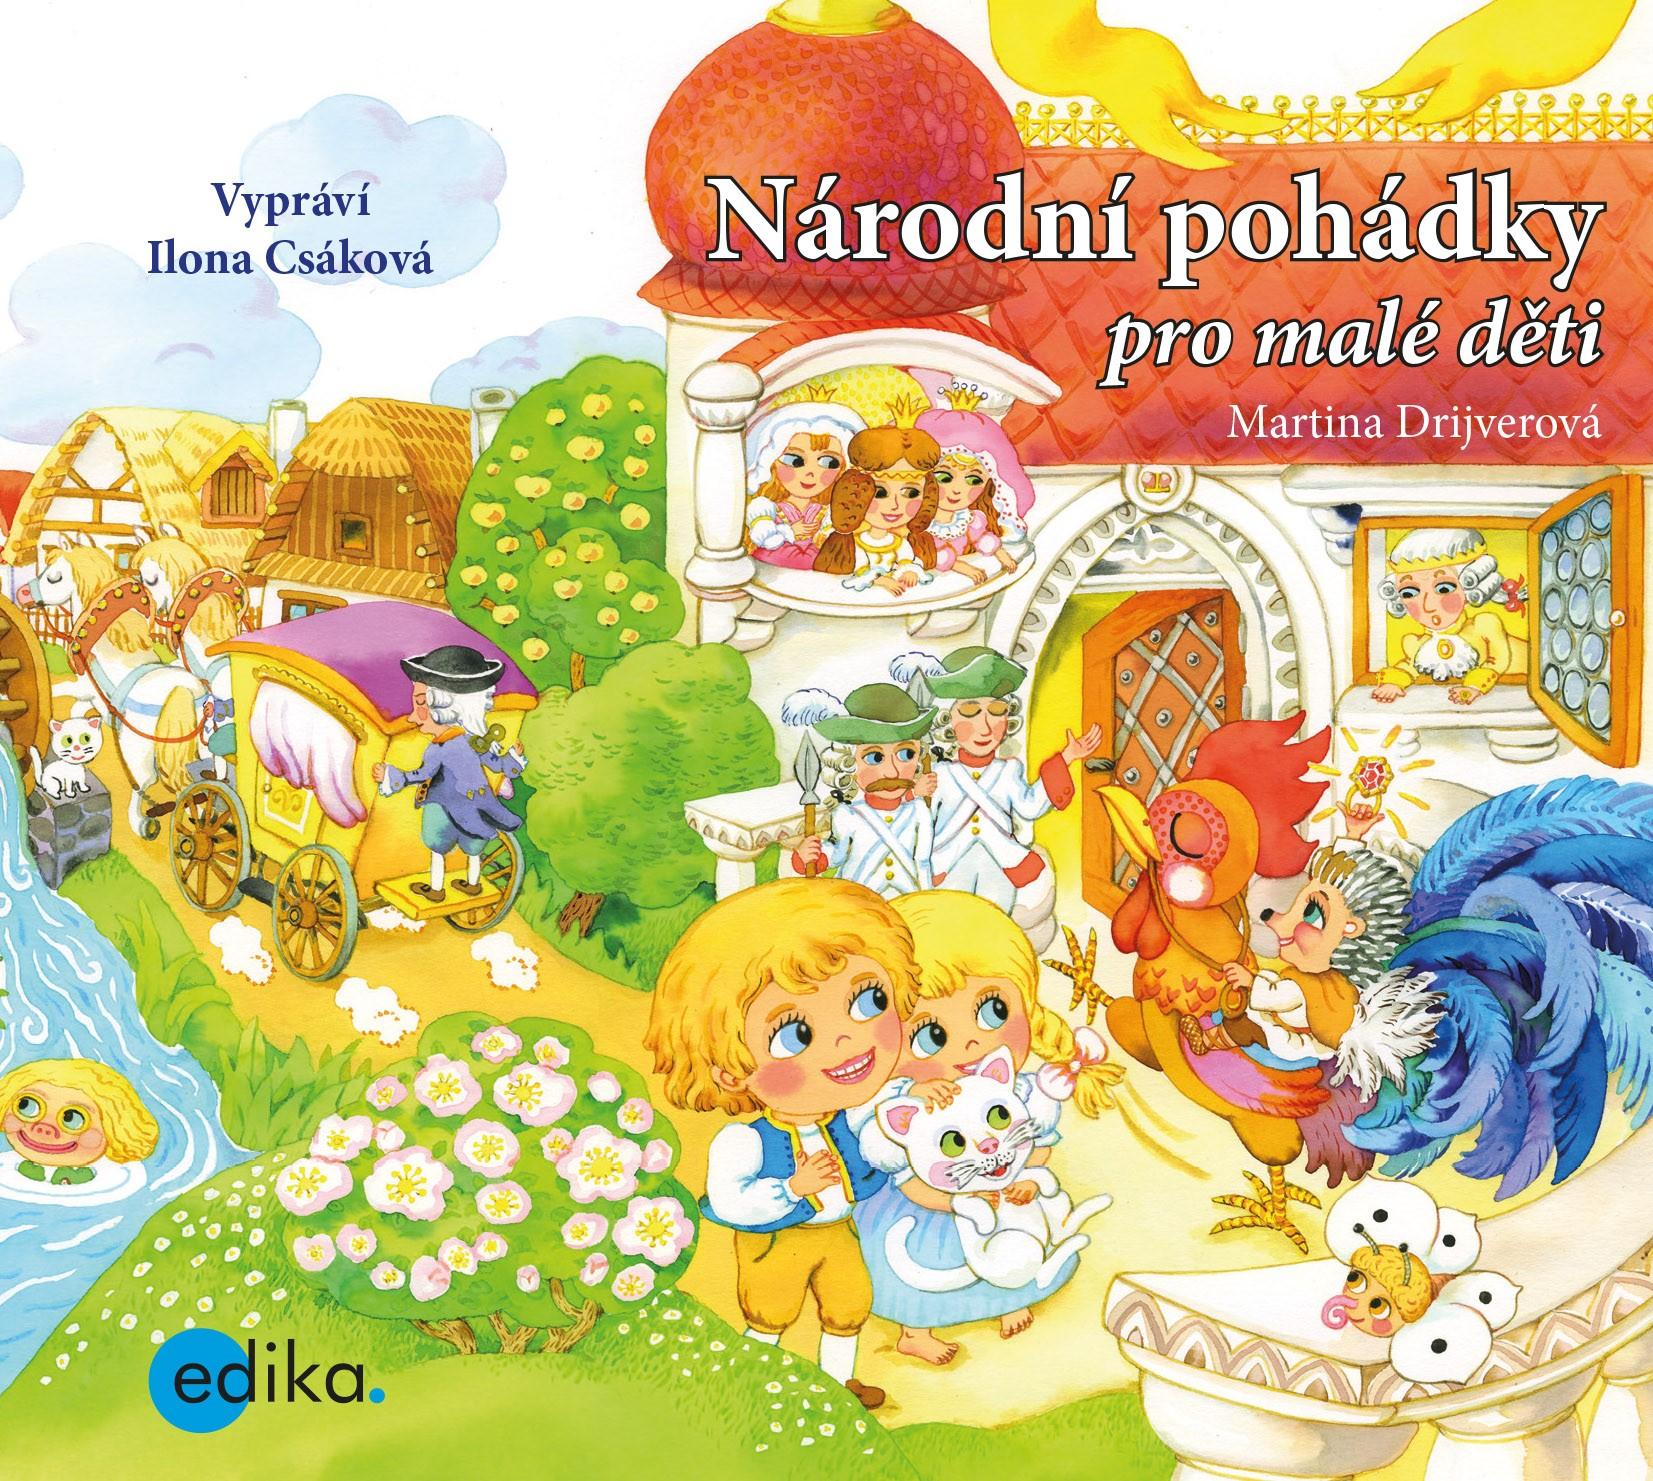 EDIKA Národní pohádky pro malé děti (audiokniha pro děti) - Martina Drijverová